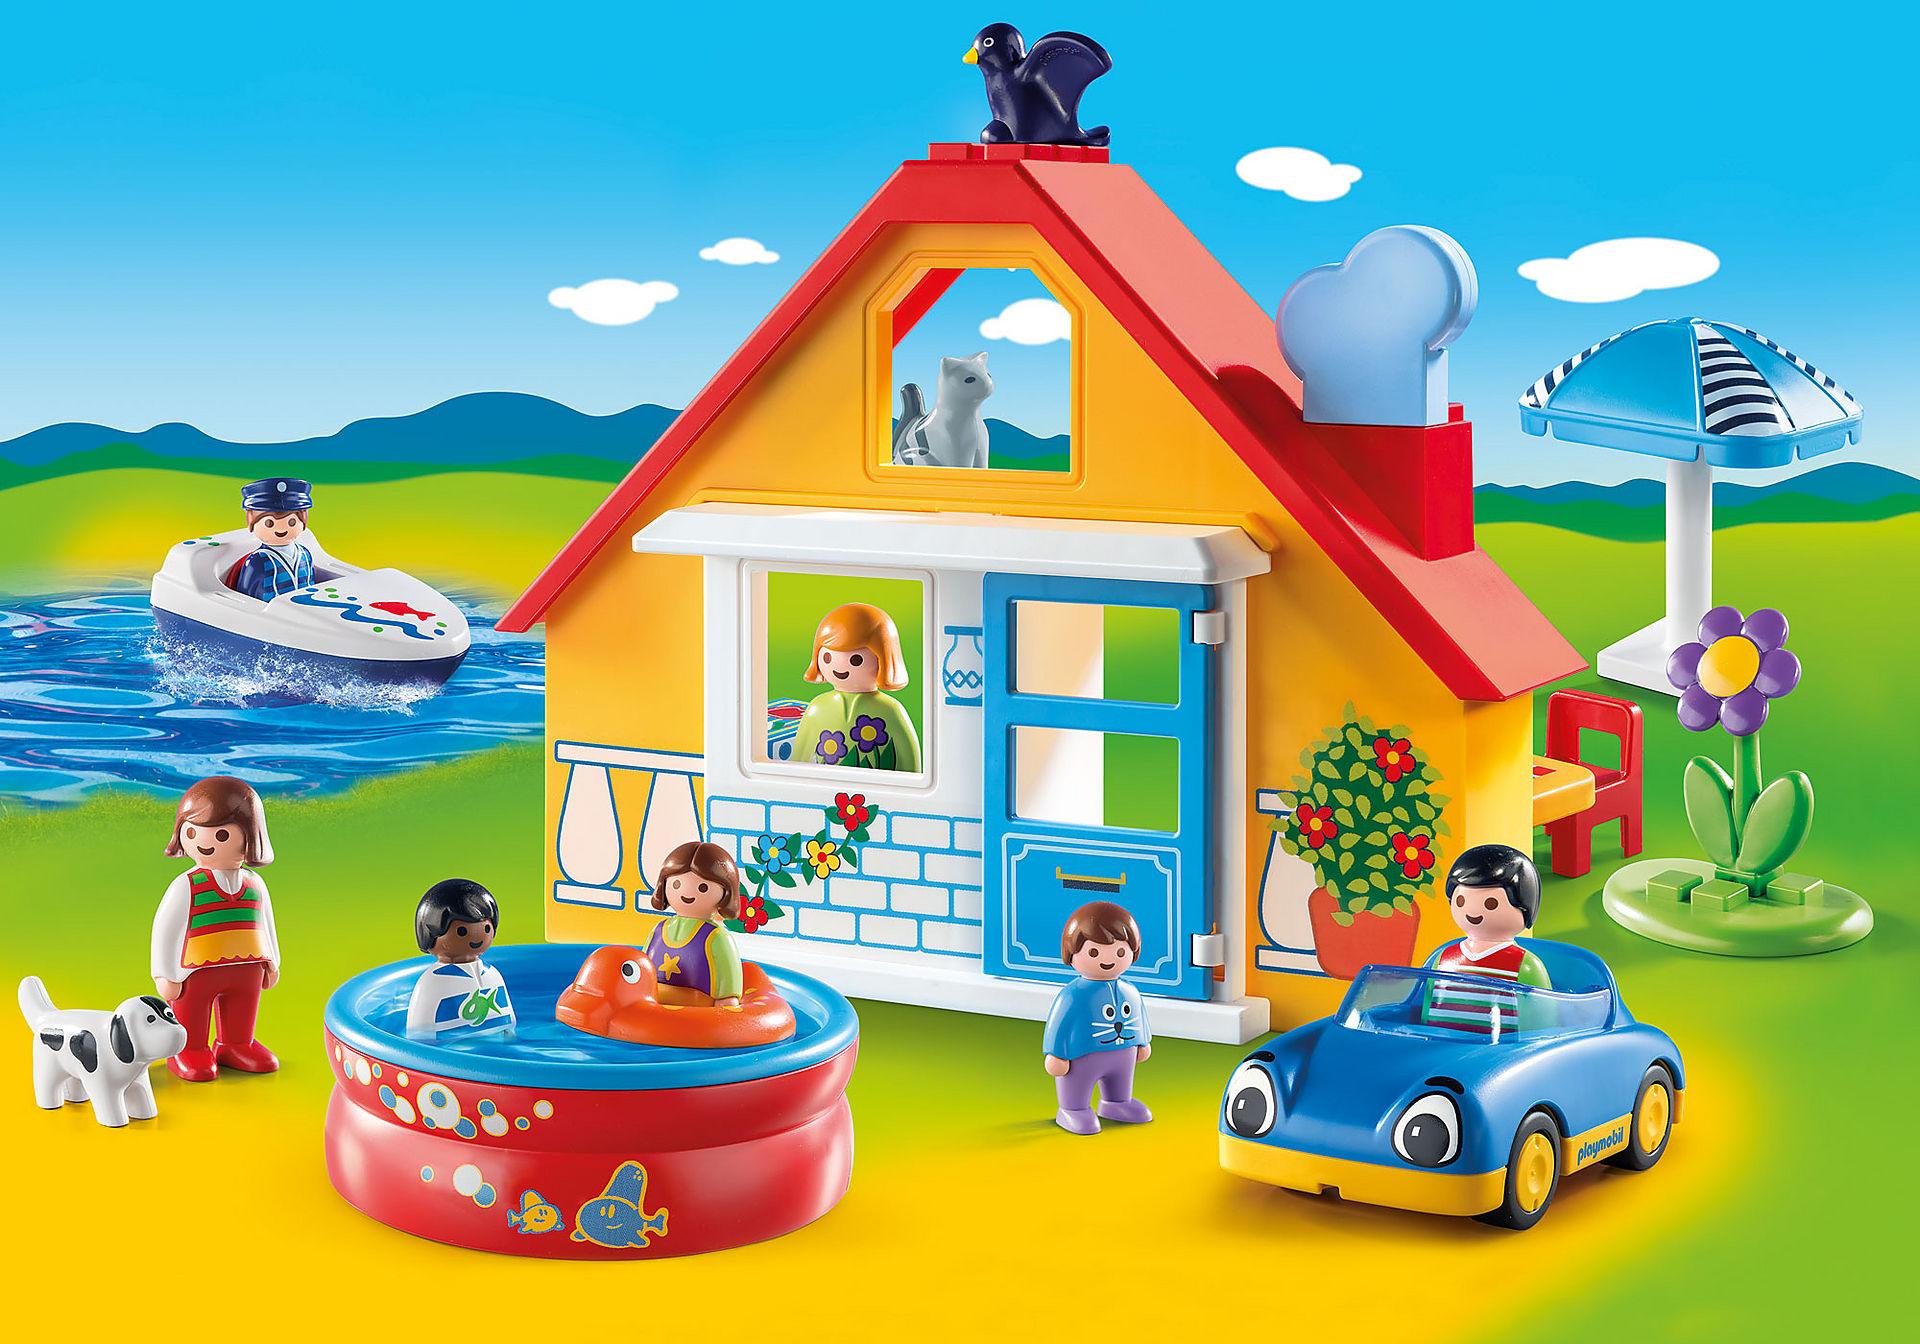 9527 Maison de vacances  zoom image1